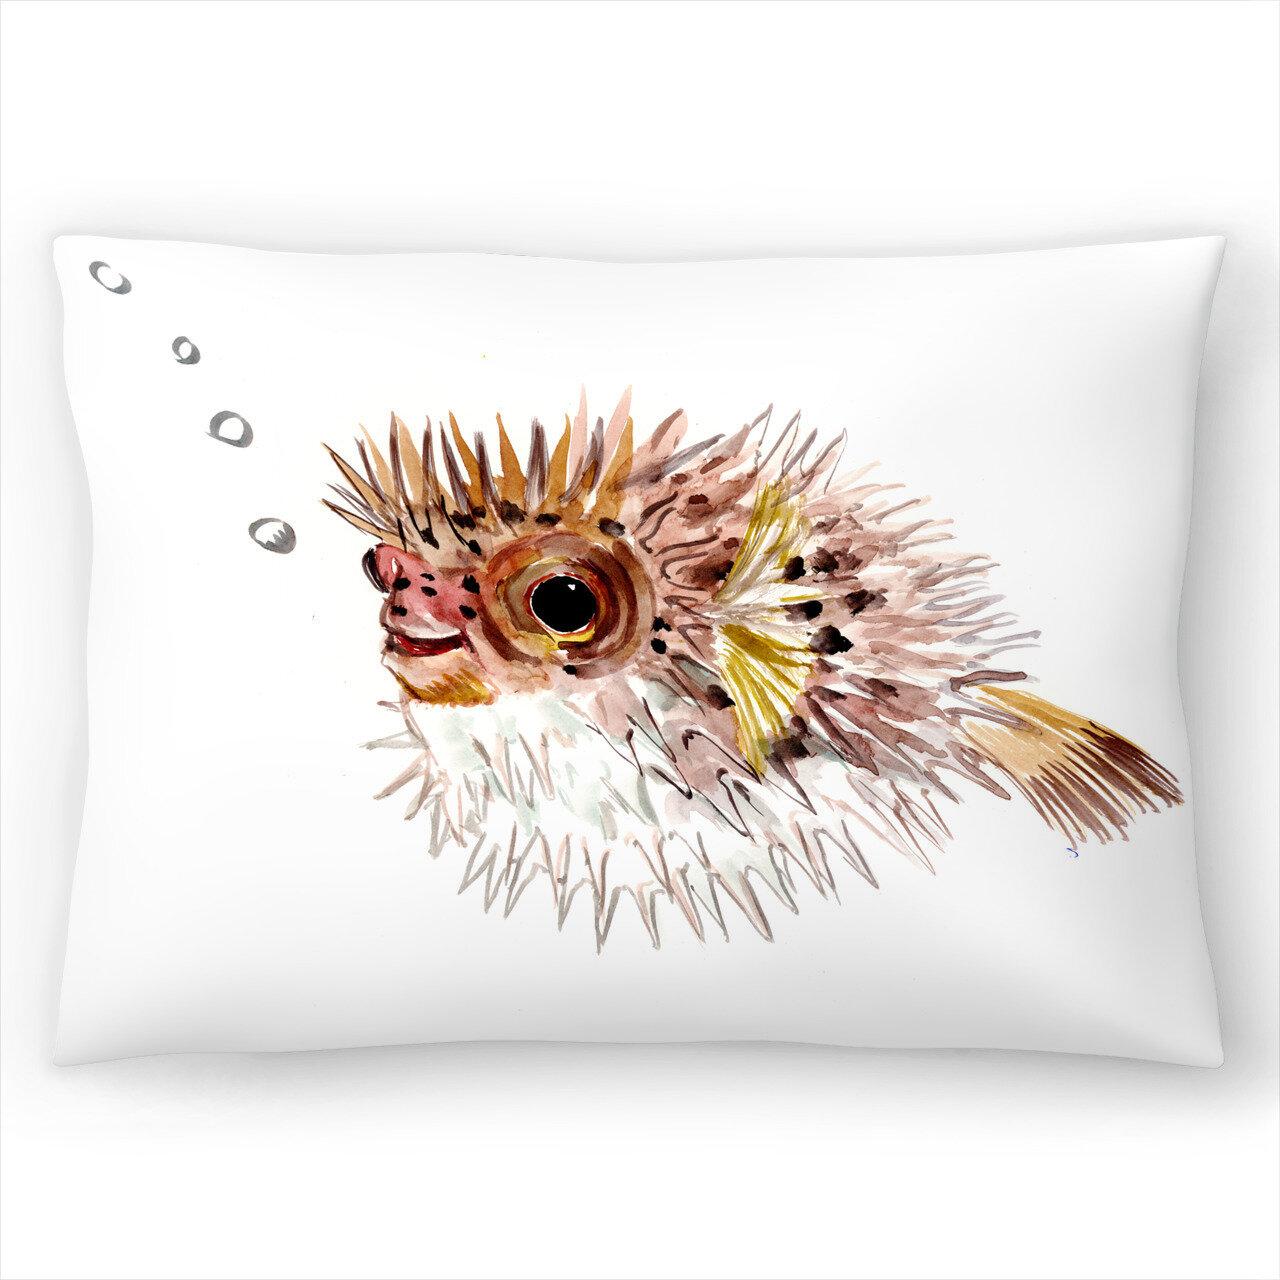 East Urban Home Suren Nersisyan Puffer Fish Lumbar Pillow Wayfair